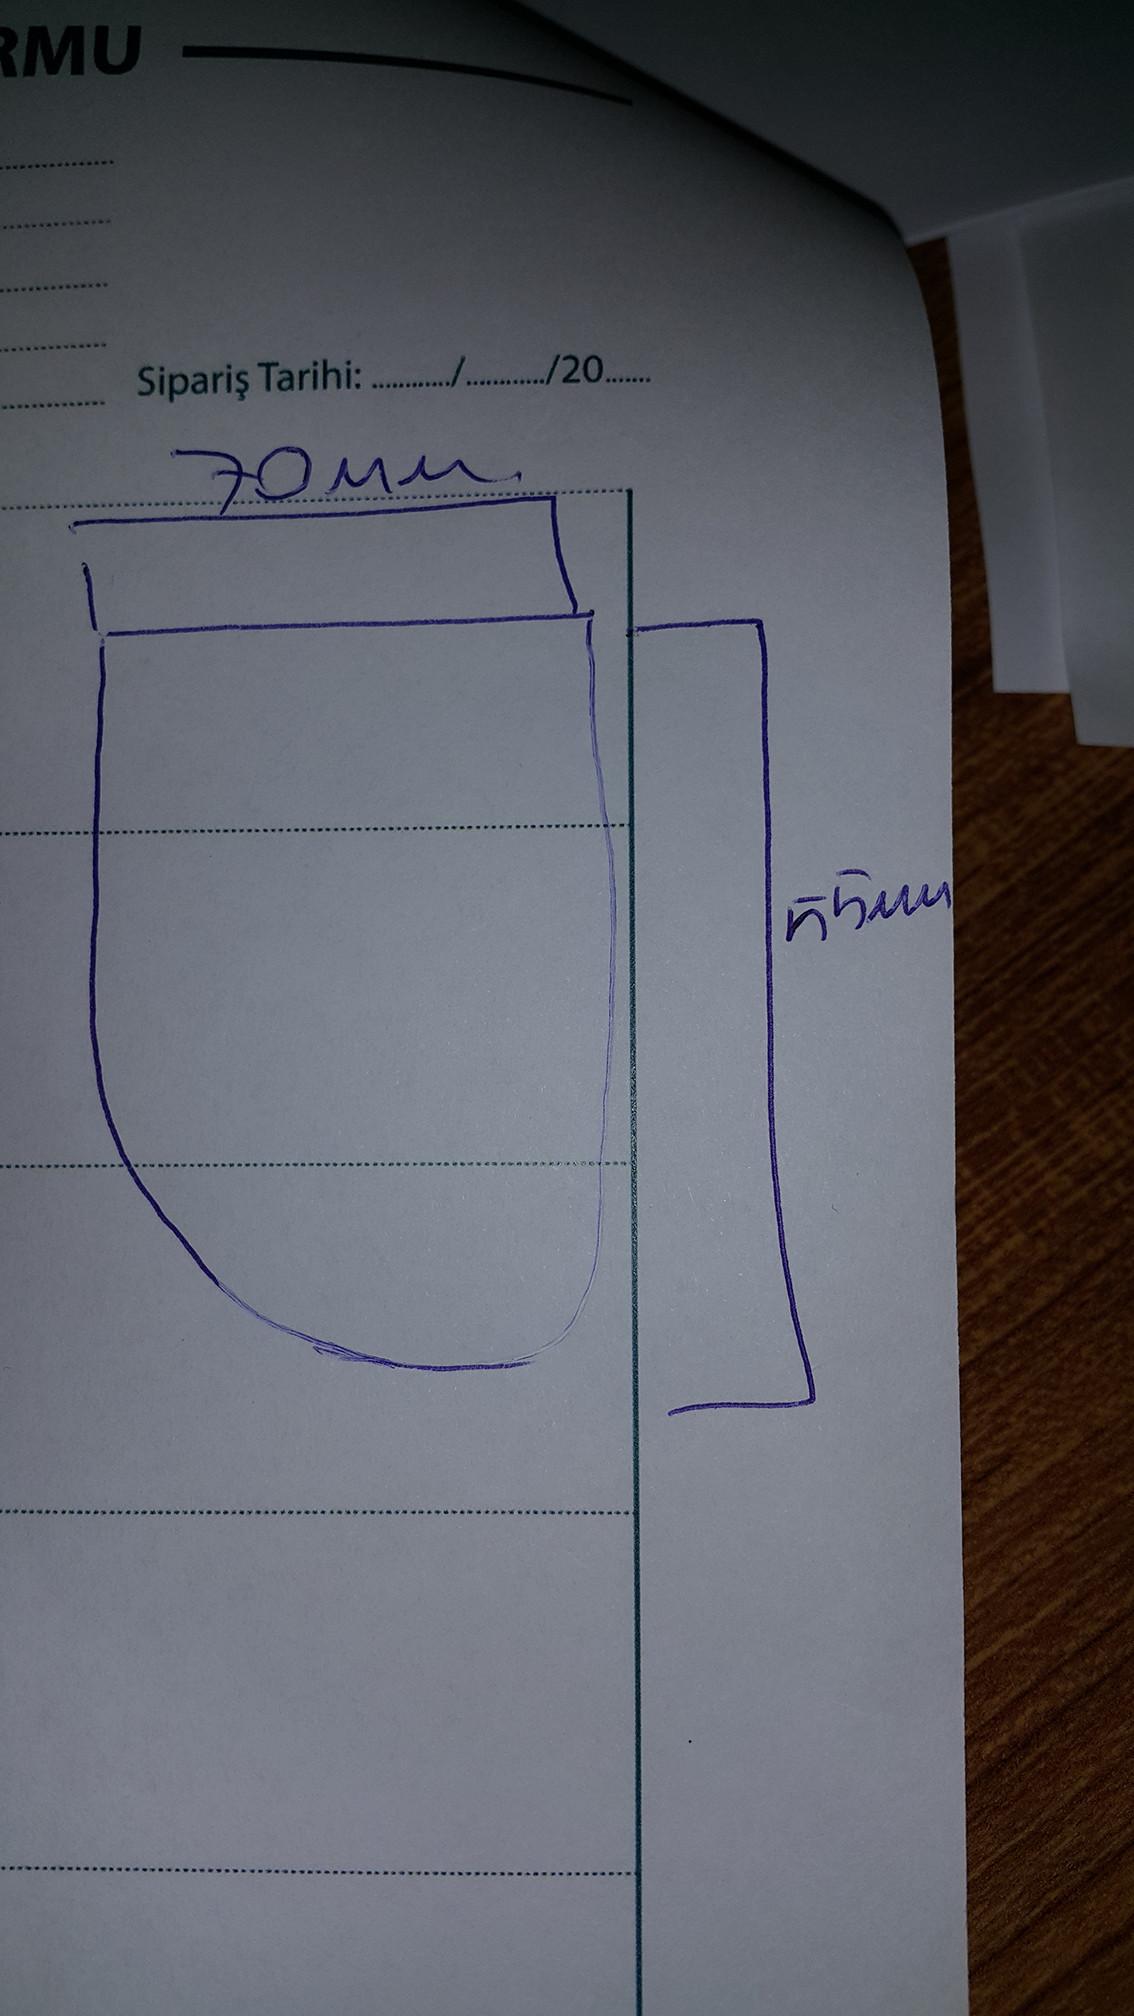 Kenar çizgilerini oval şekle nasıl getirebilirim?